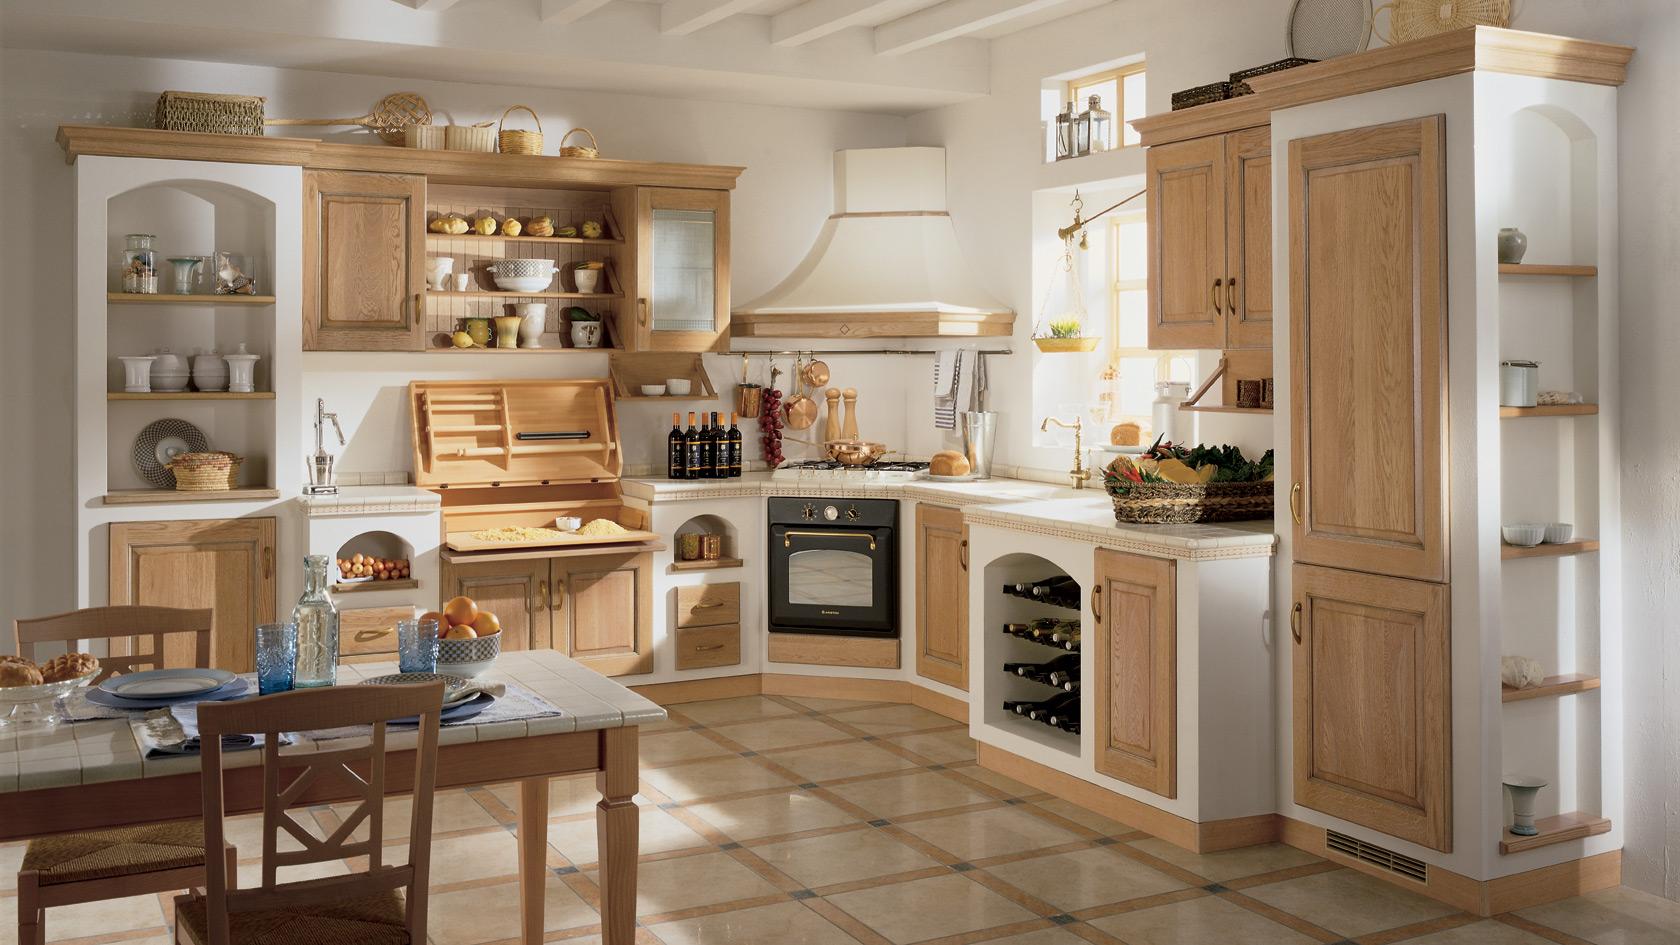 Piani Per Cucine In Muratura quale top per la cucina? il piano piastrellato - lineatre